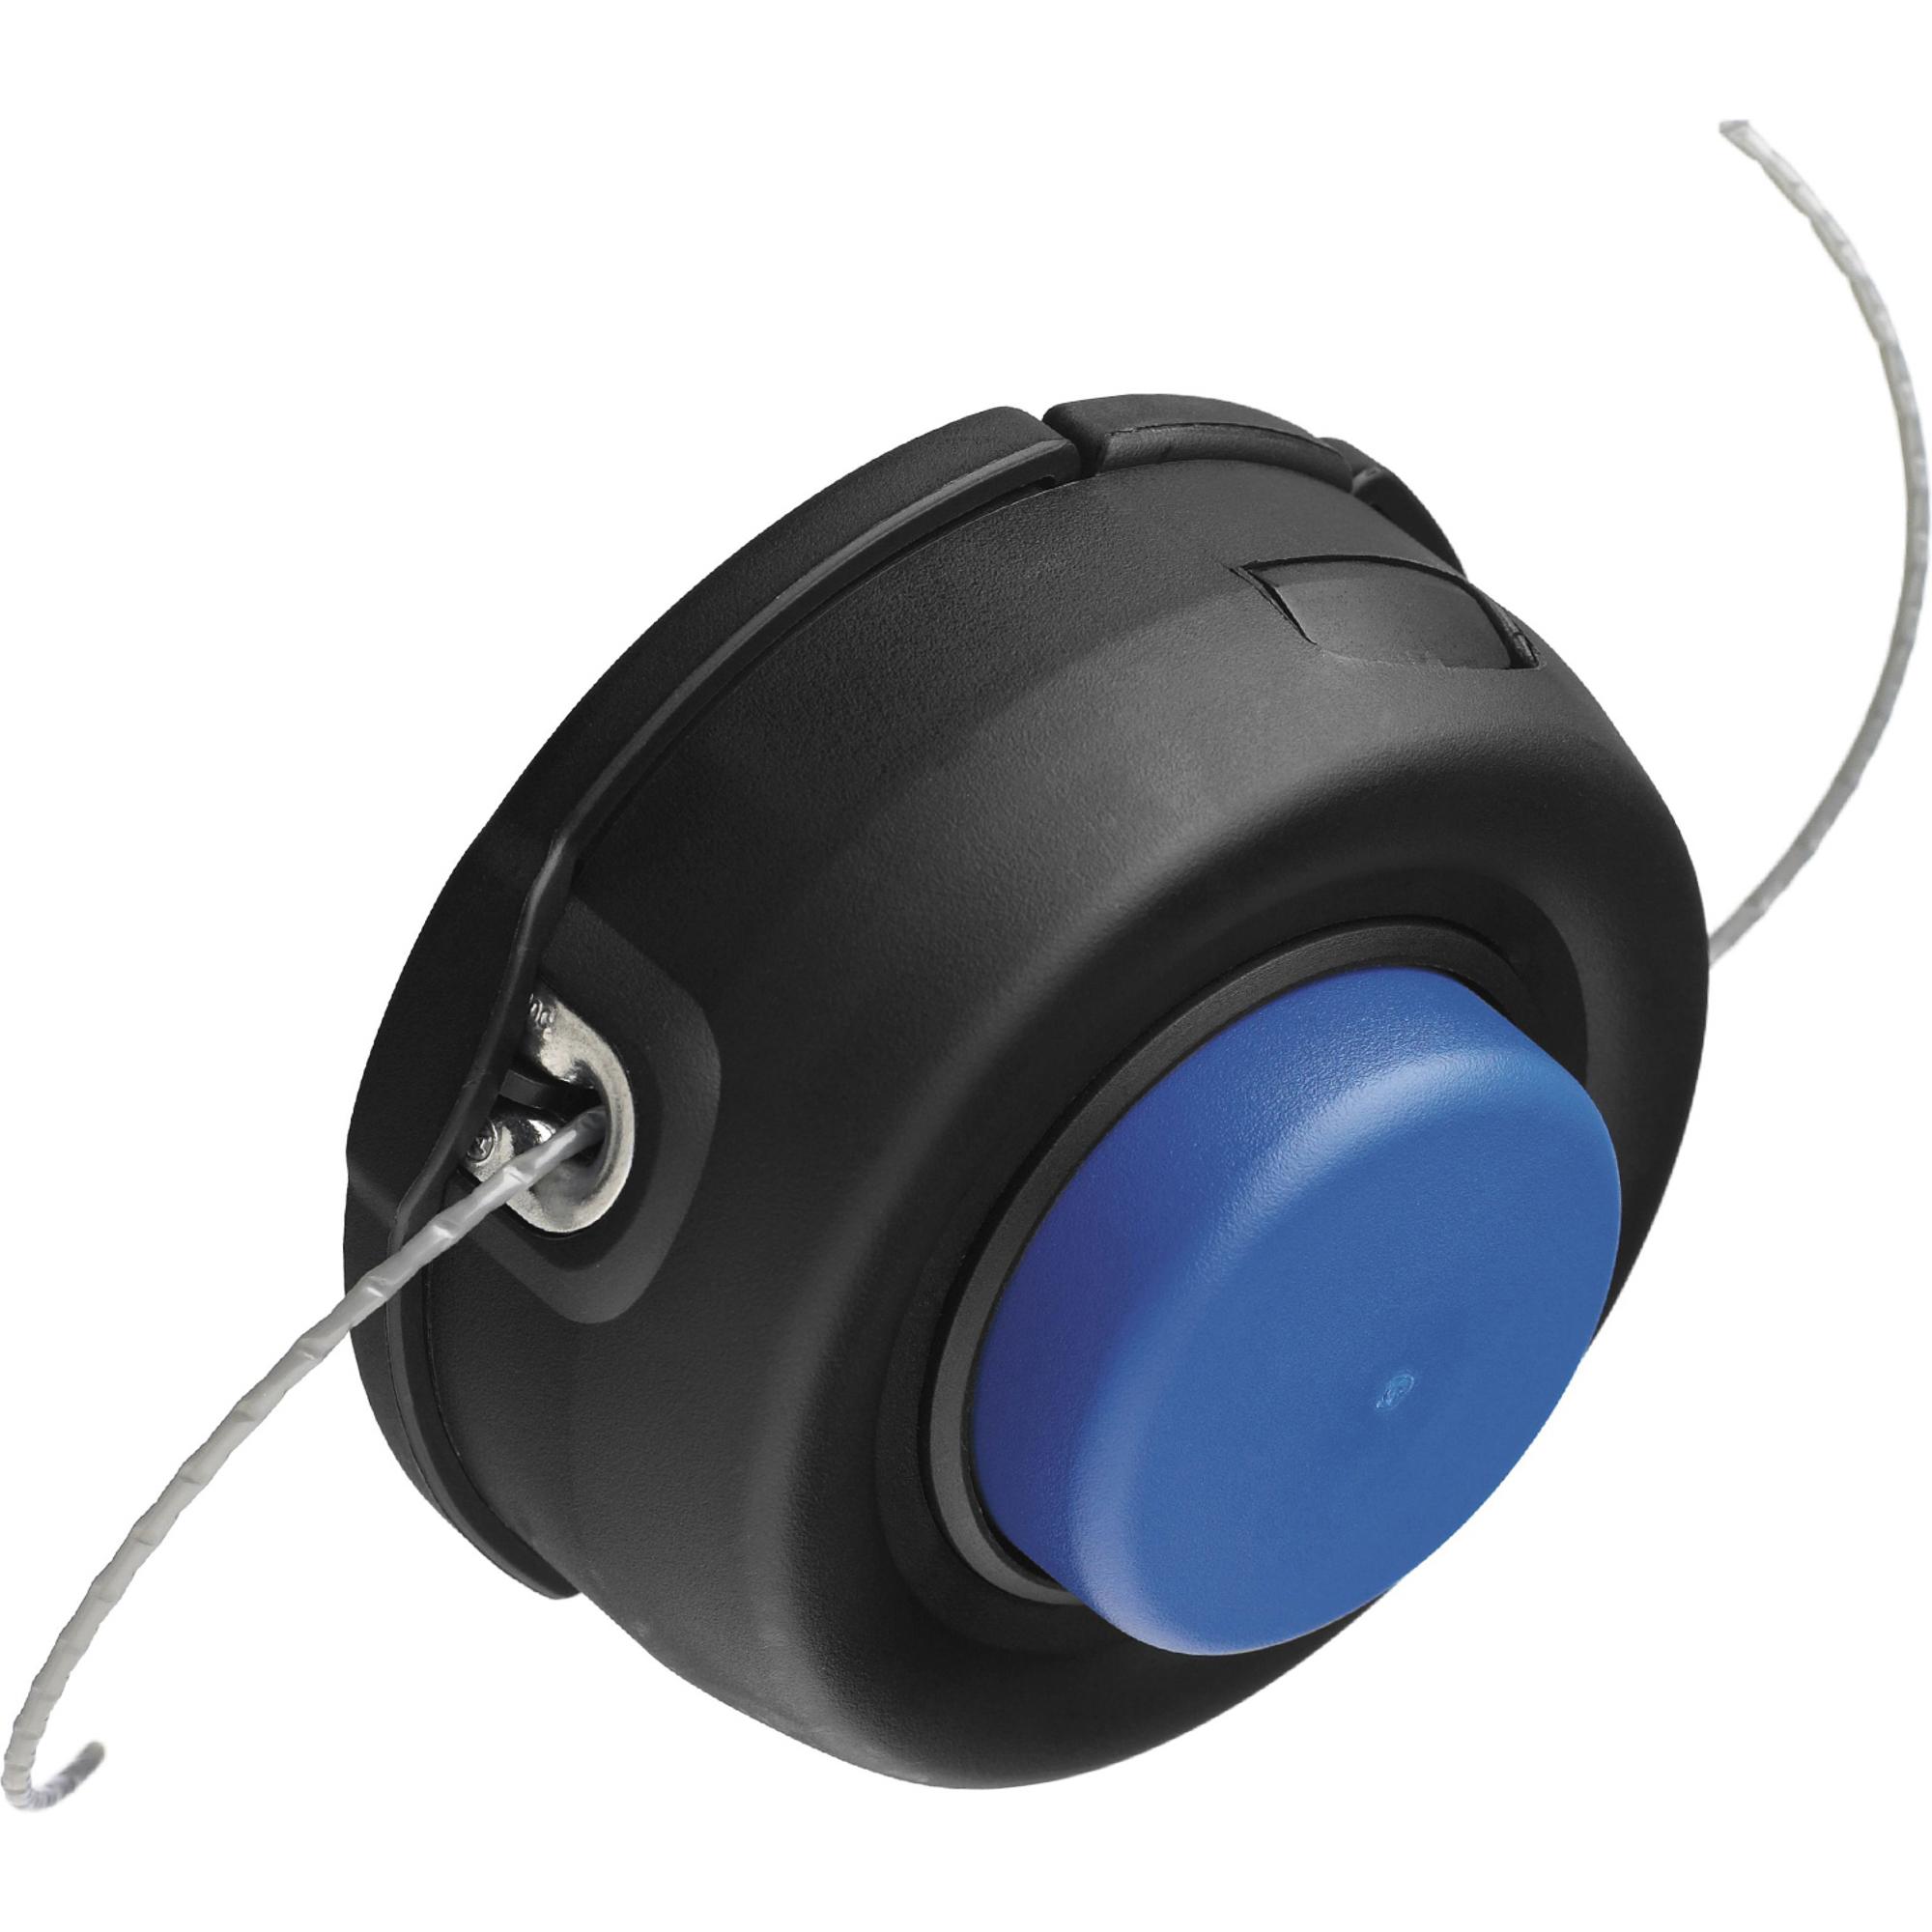 Купить Головка триммерная Husqvarna T35 M12 L, катушка, Швеция, синий, черный, металл, пластик